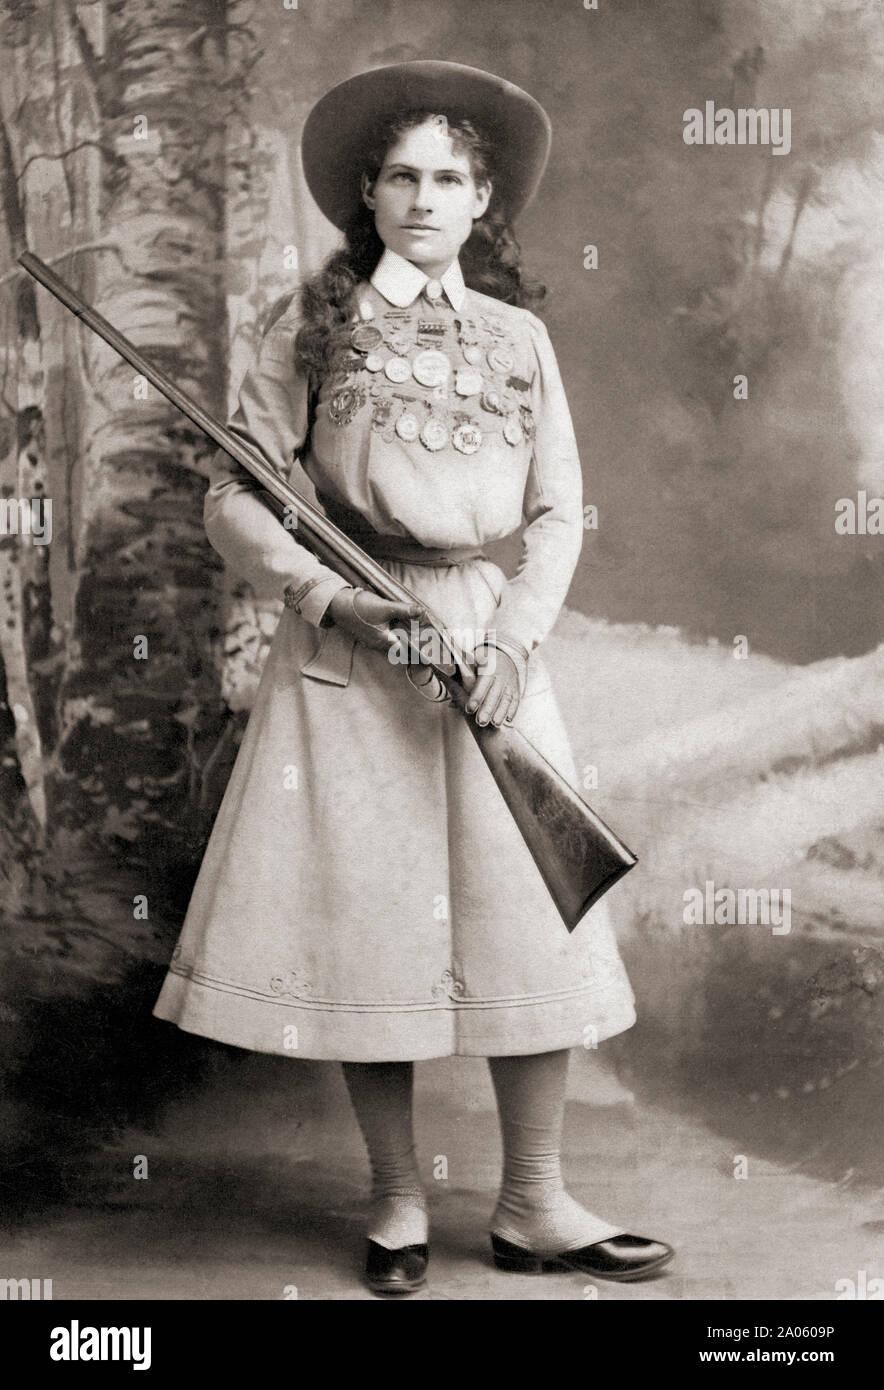 Annie Oakley, 1860 - 1926. Le franc-tireur américain et de l'exposition. Banque D'Images